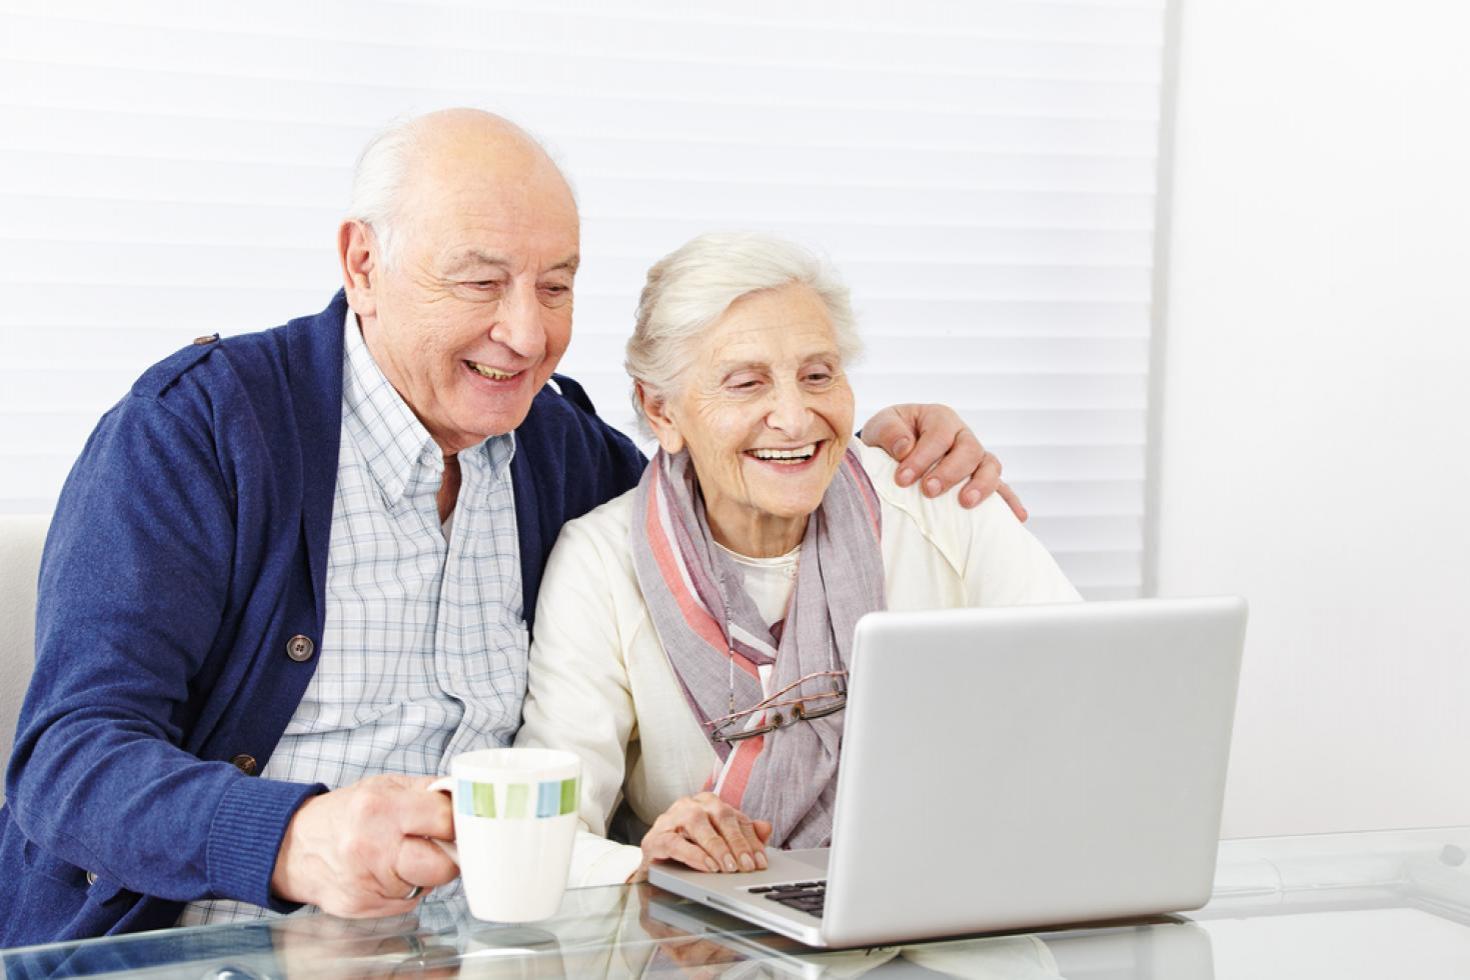 társkereső szolgáltatás időskorúak számára